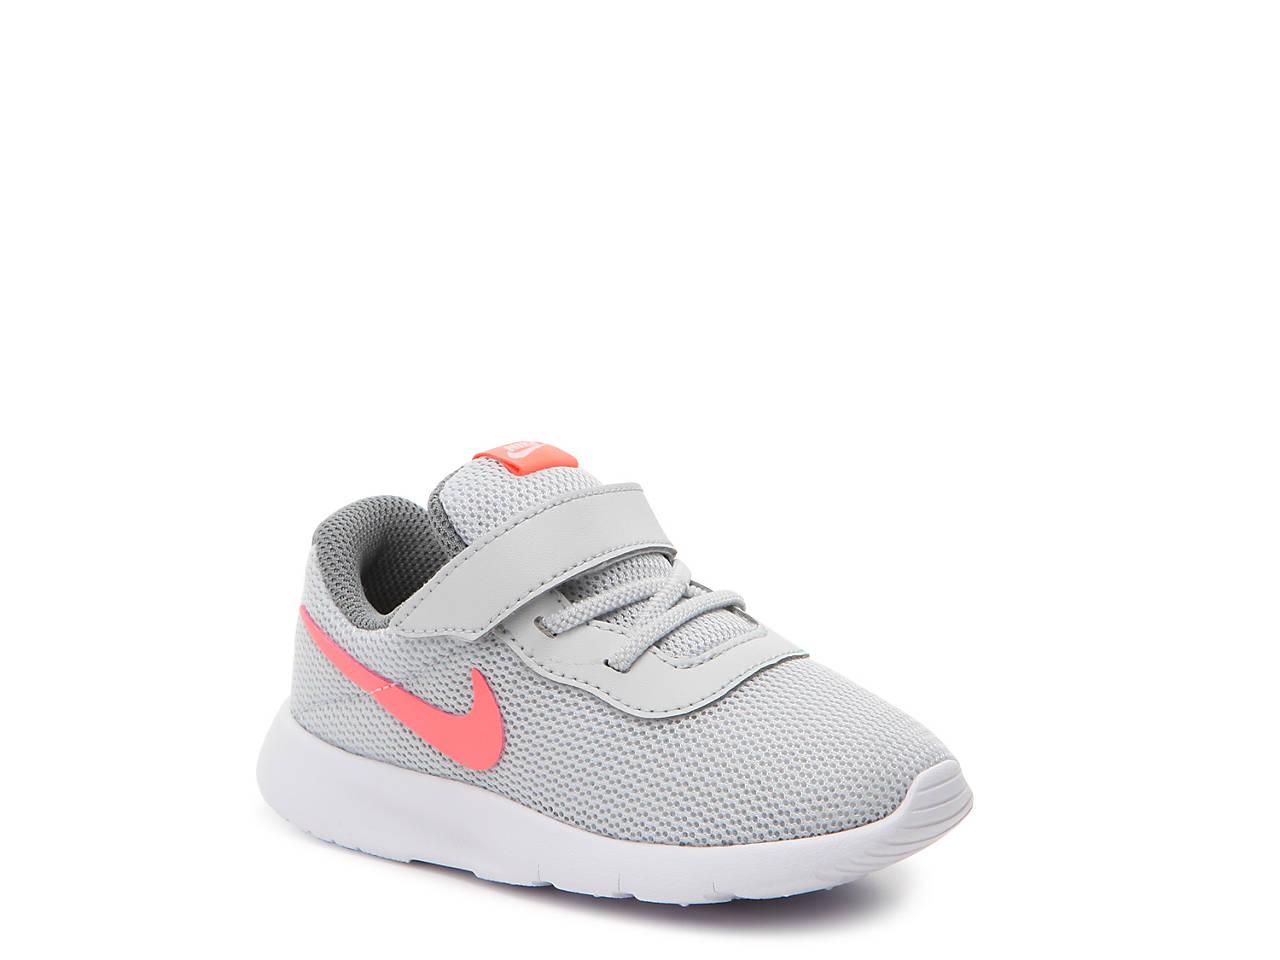 Tanjun Infant & Toddler Sneaker